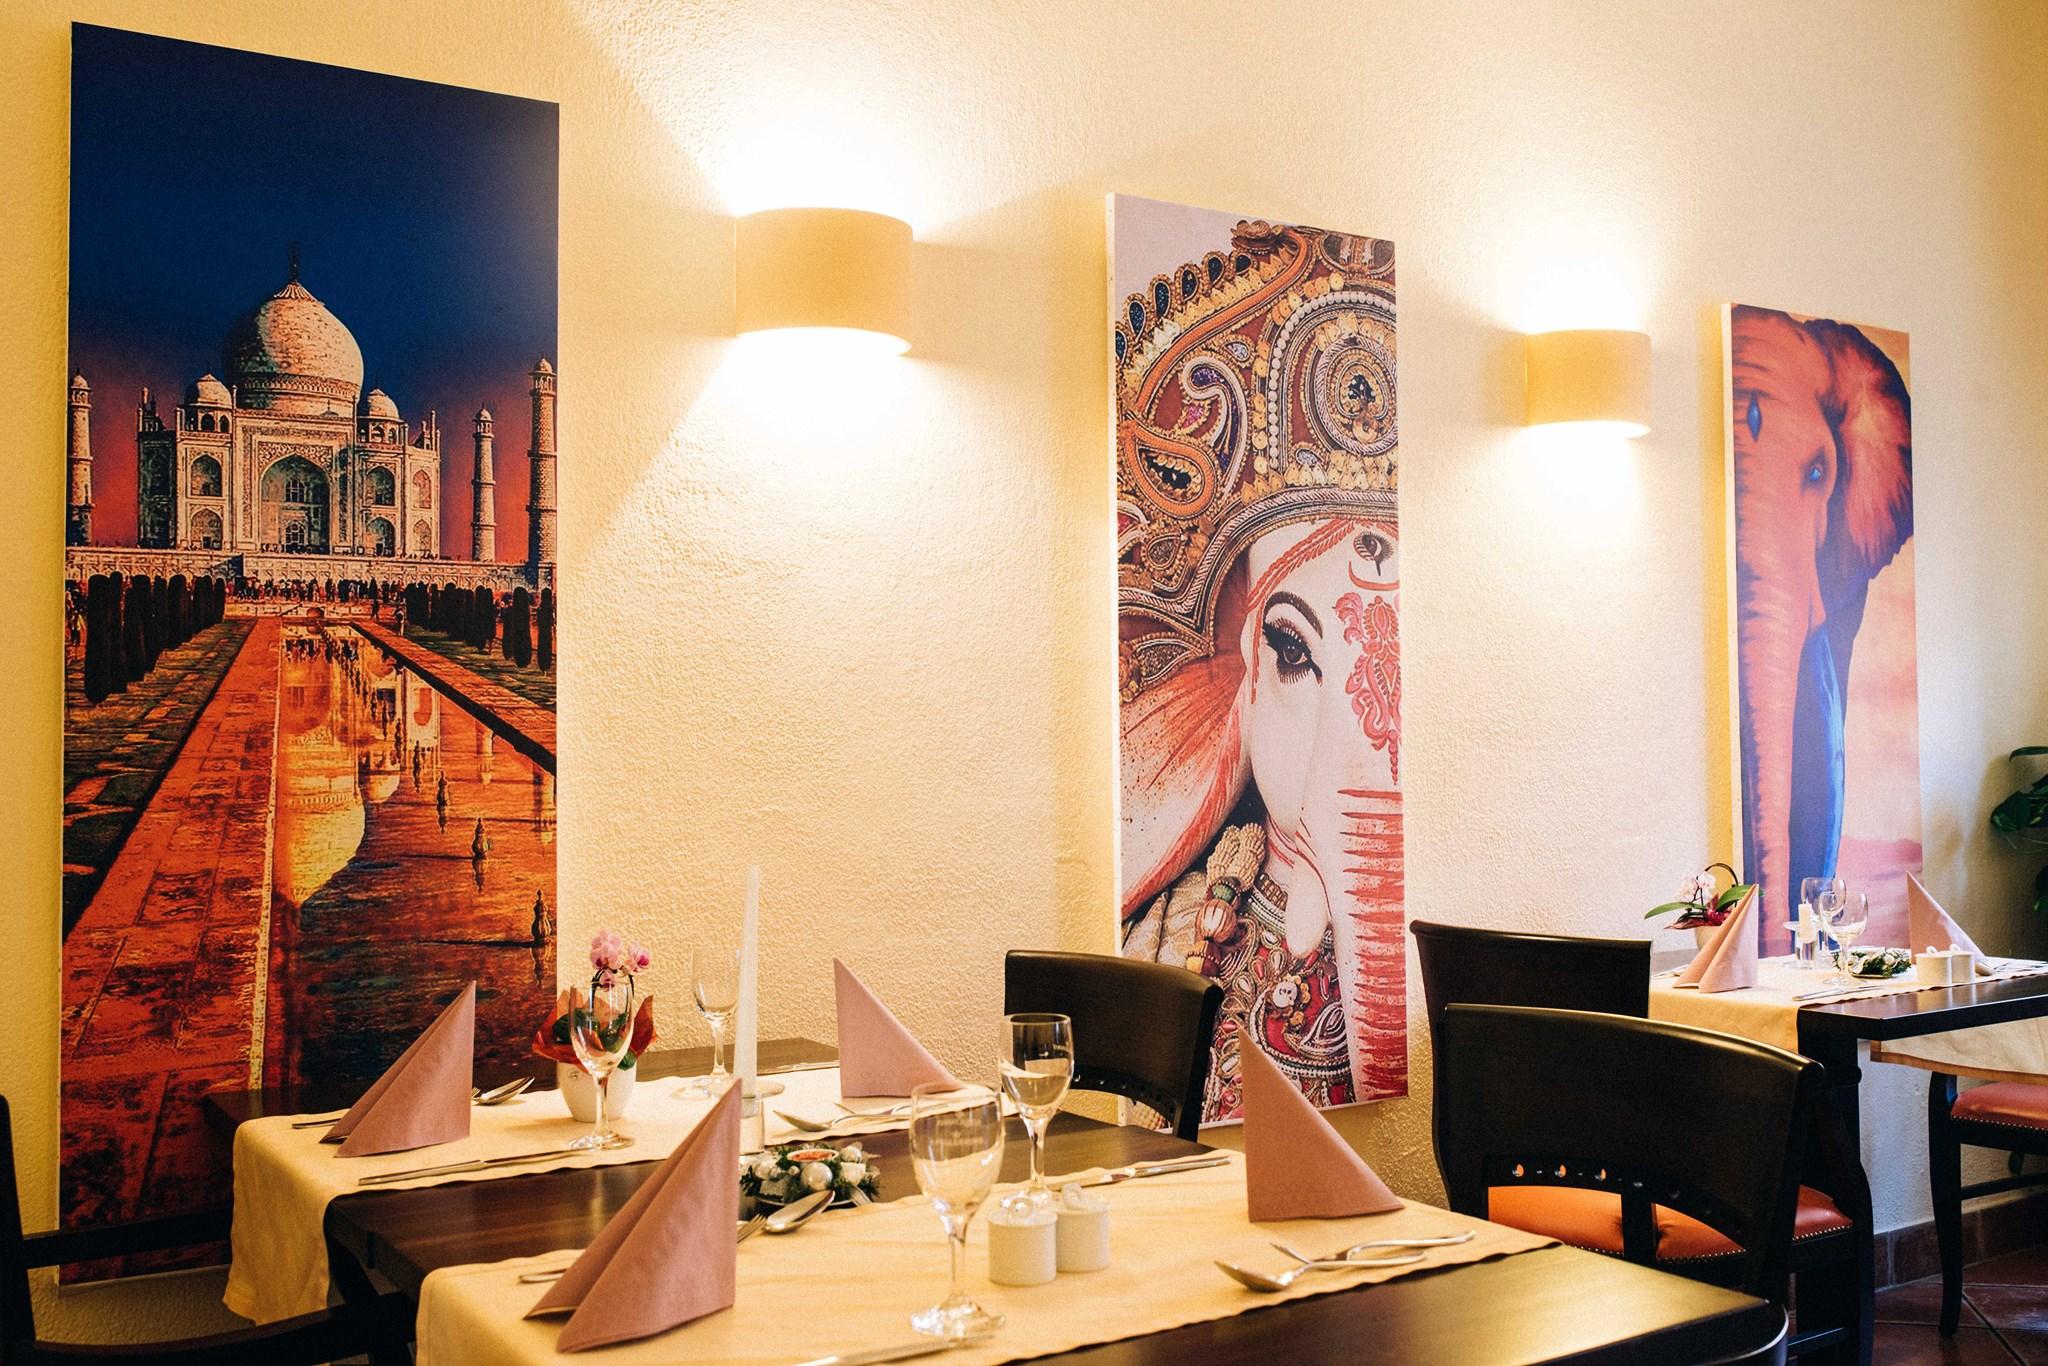 Wilkommen im ihren indischen Restaurant Haweli in Köln-Zollstock